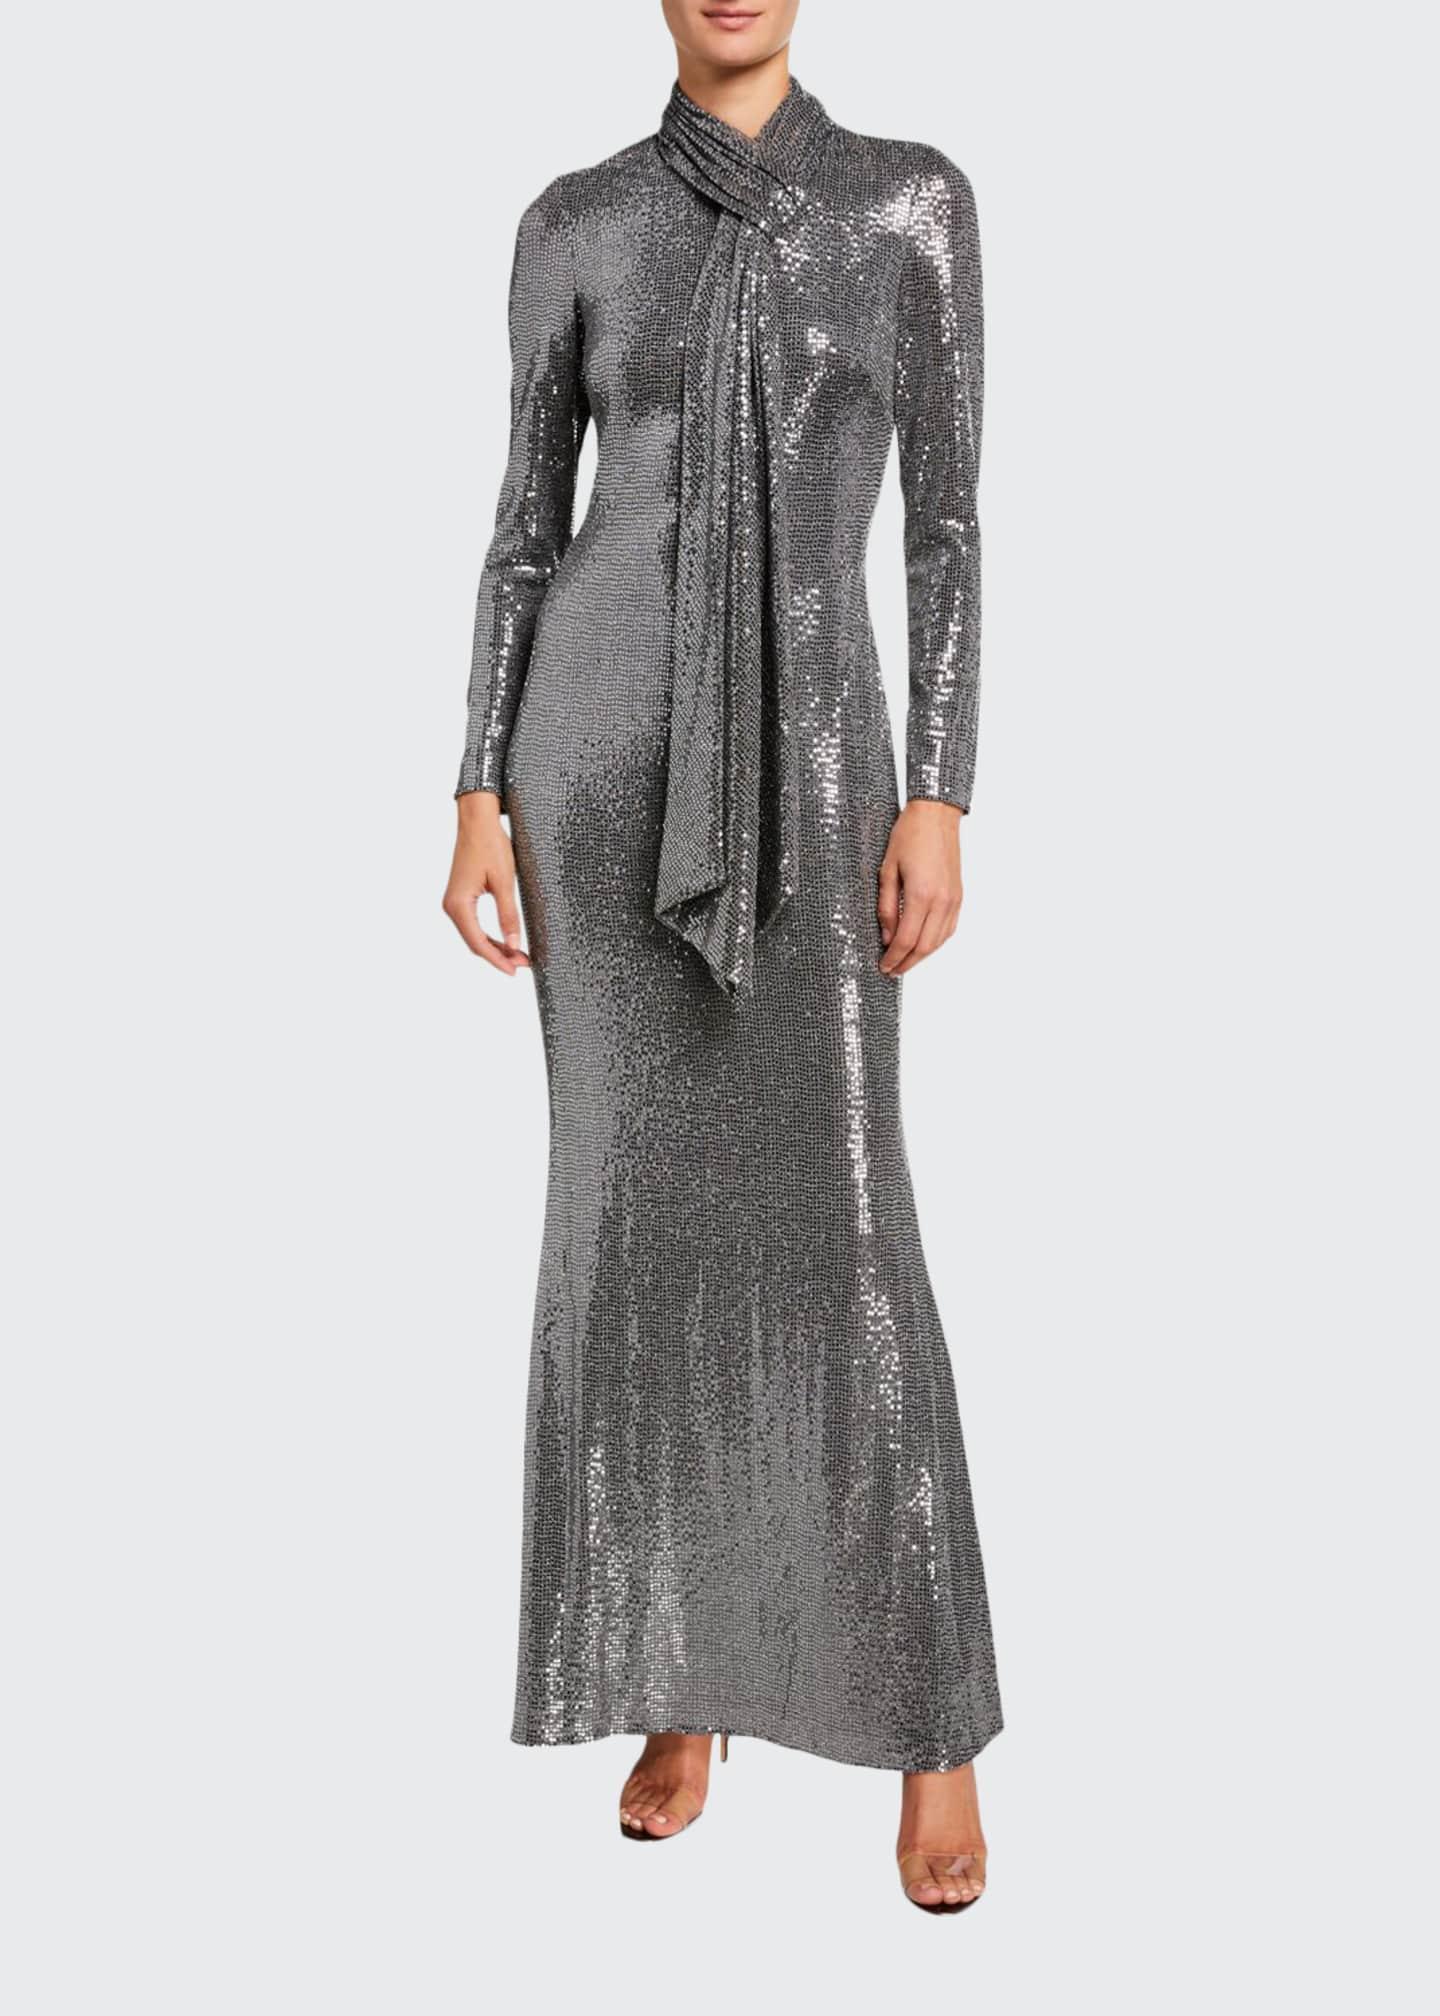 Badgley Mischka Collection Sequin Tie-Neck Long-Sleeve Gown